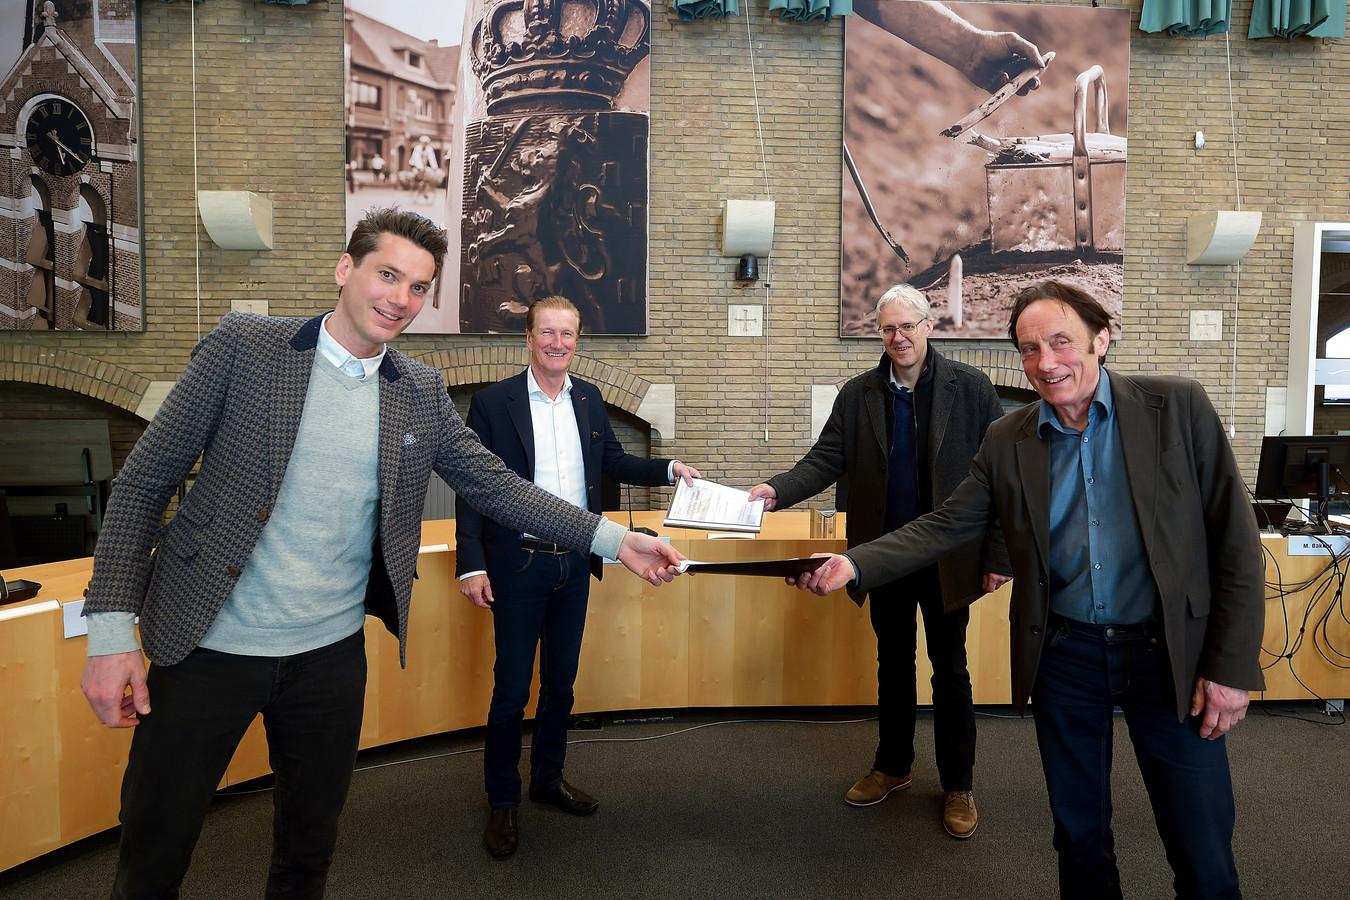 Wethouder Jeffrey van Agtmaal (linksvoor) ontving in maart een petitie voor behoud van schoolgebouw De Stappen in Hoogerheide. Dees Verbeek (rechtsachter) wil de gemeente nu gaan helpen met haar erfgoedbeleid.